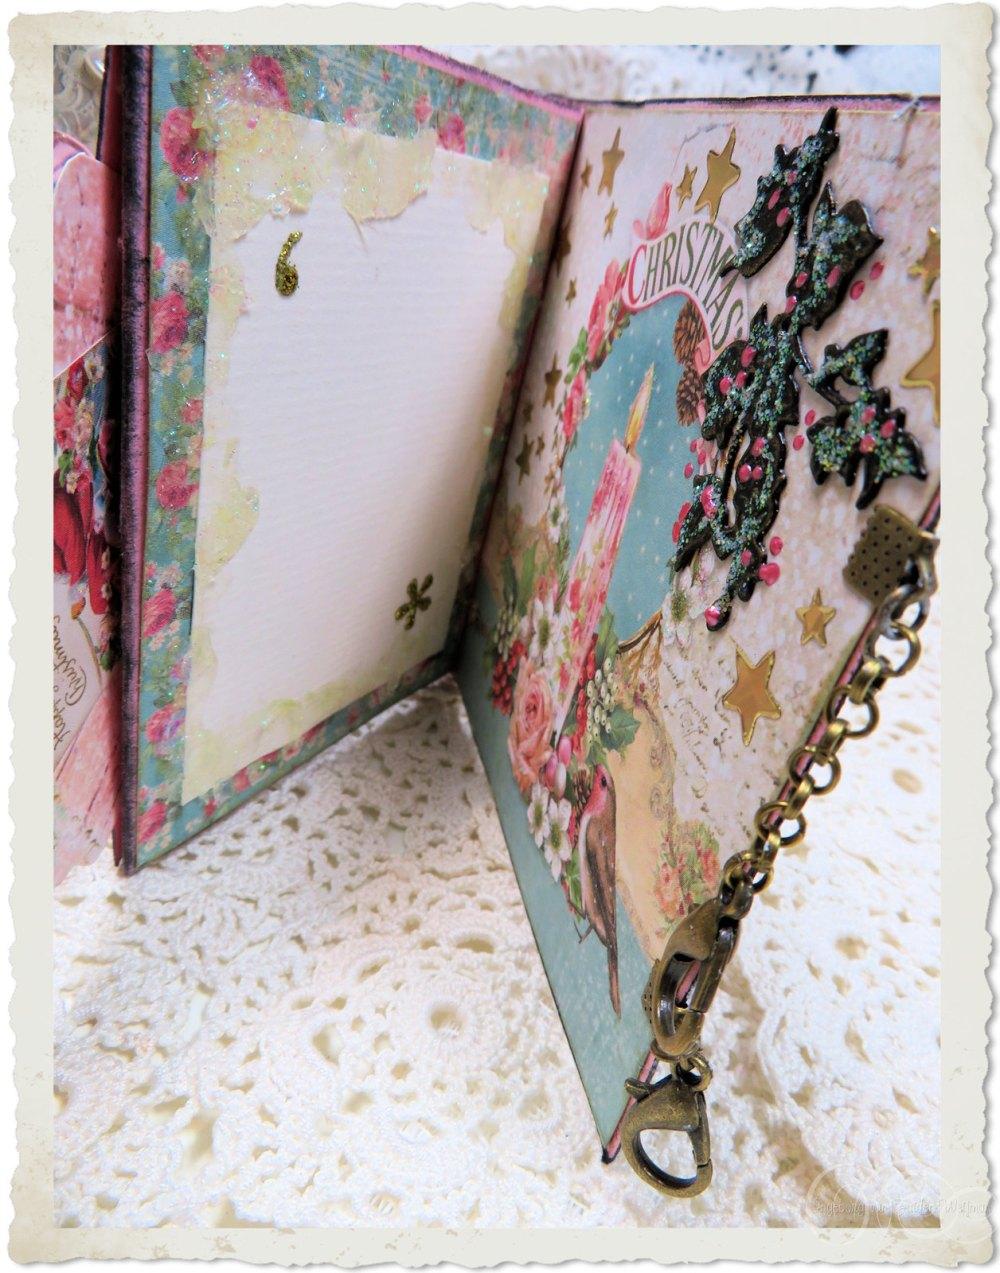 Inside notecard of handmade Christmas book by Ingeborg